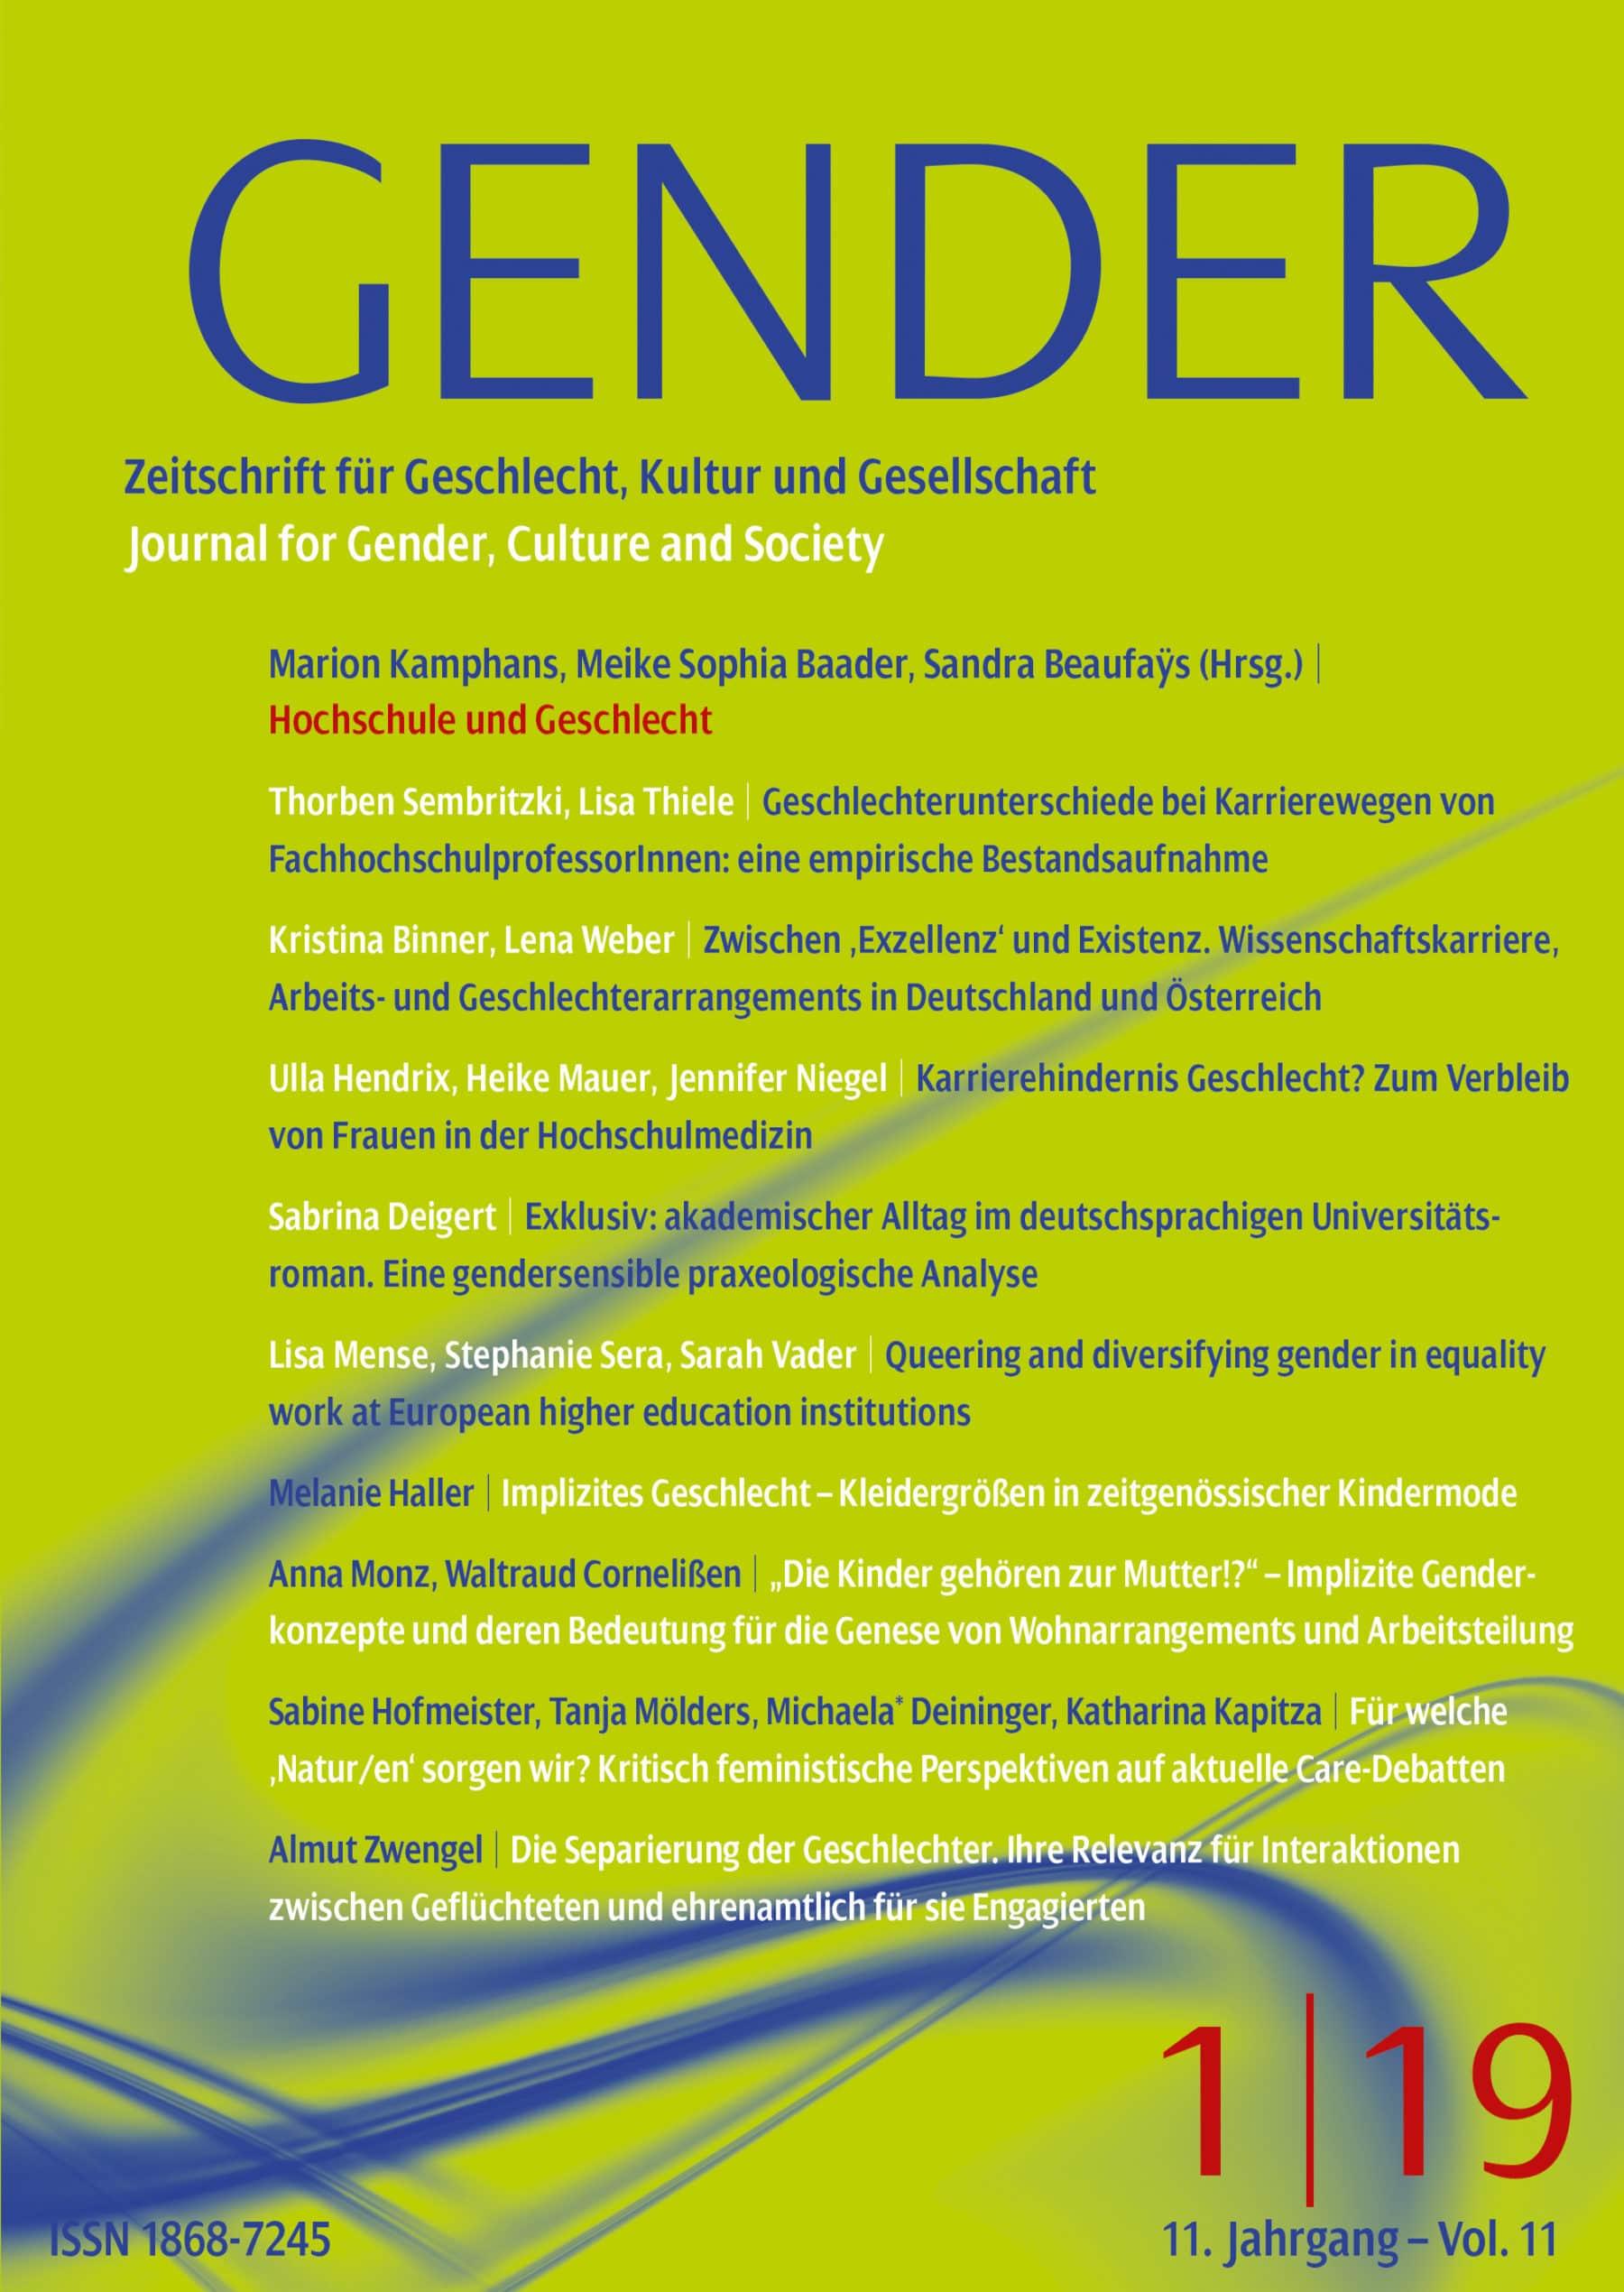 GENDER – Zeitschrift für Geschlecht, Kultur und Gesellschaft 1-2019: Hochschule und Geschlecht